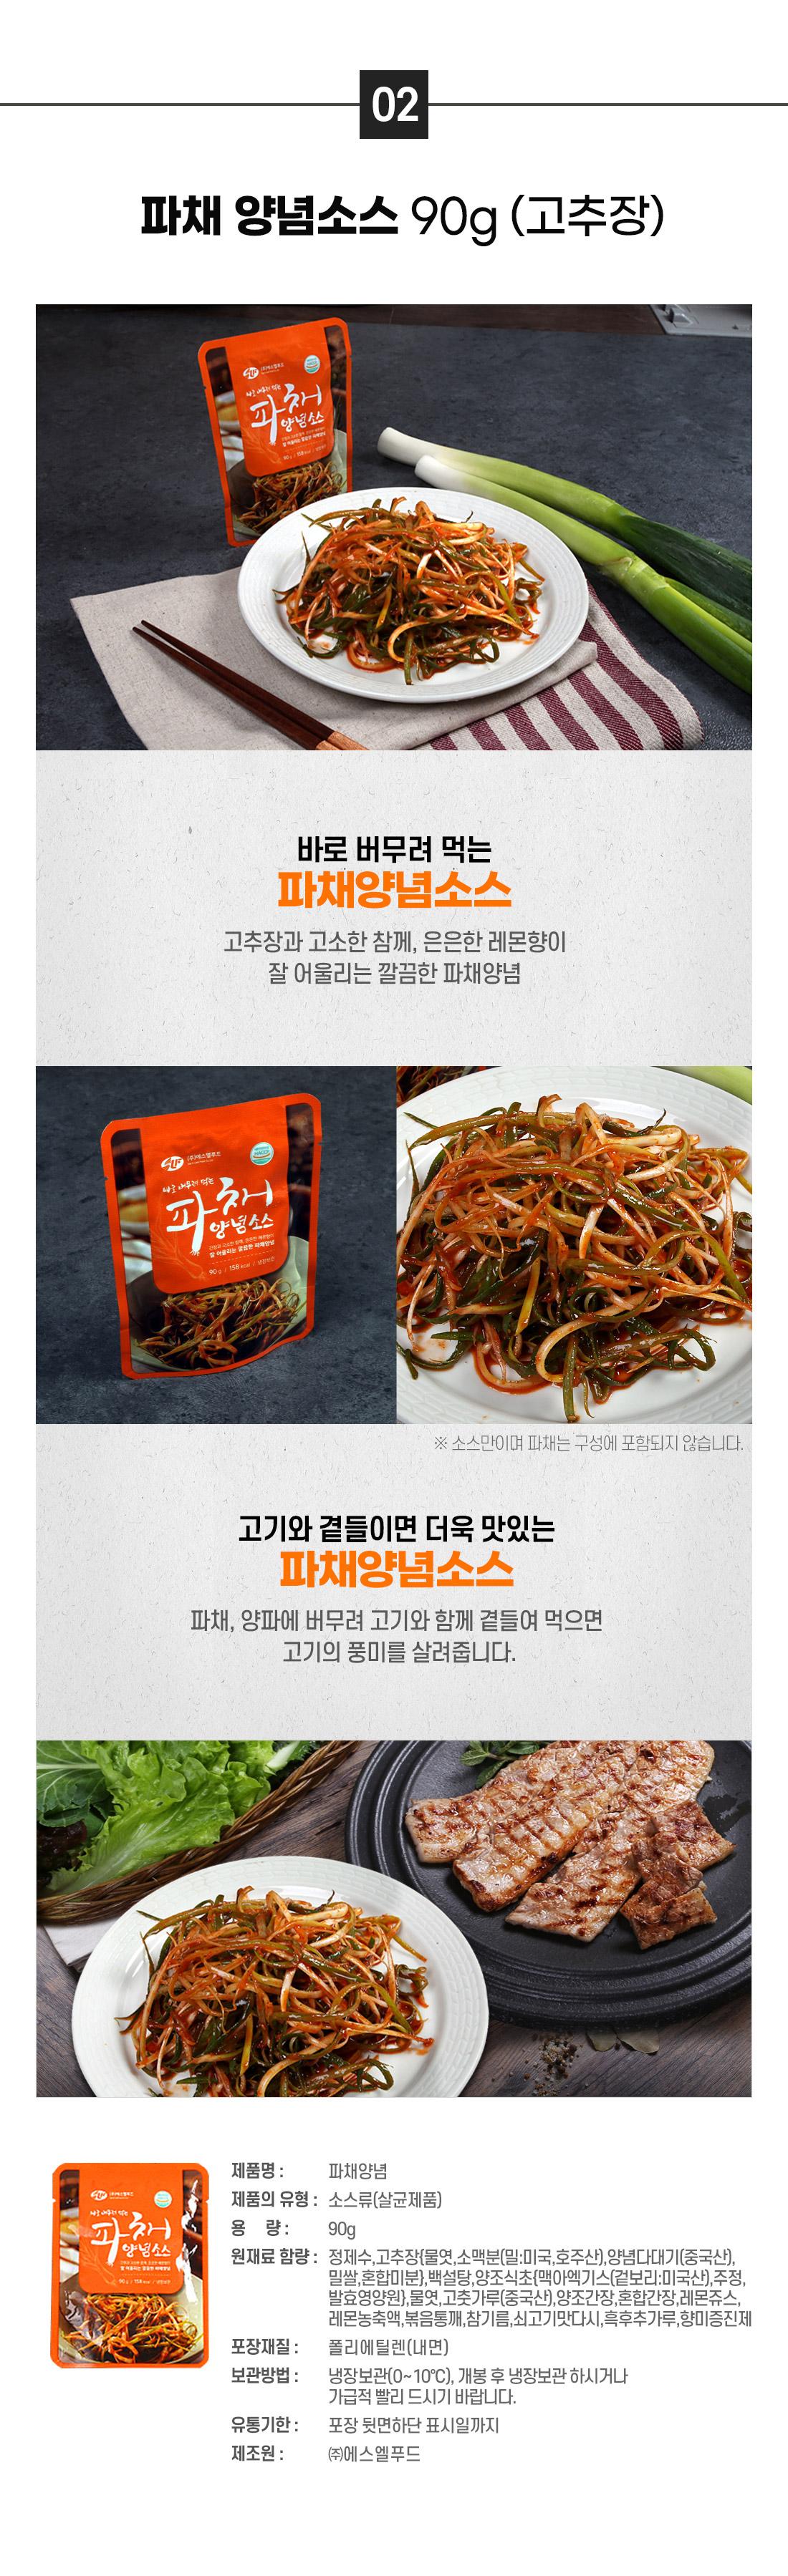 허브맛 솔트 50g (순한맛)